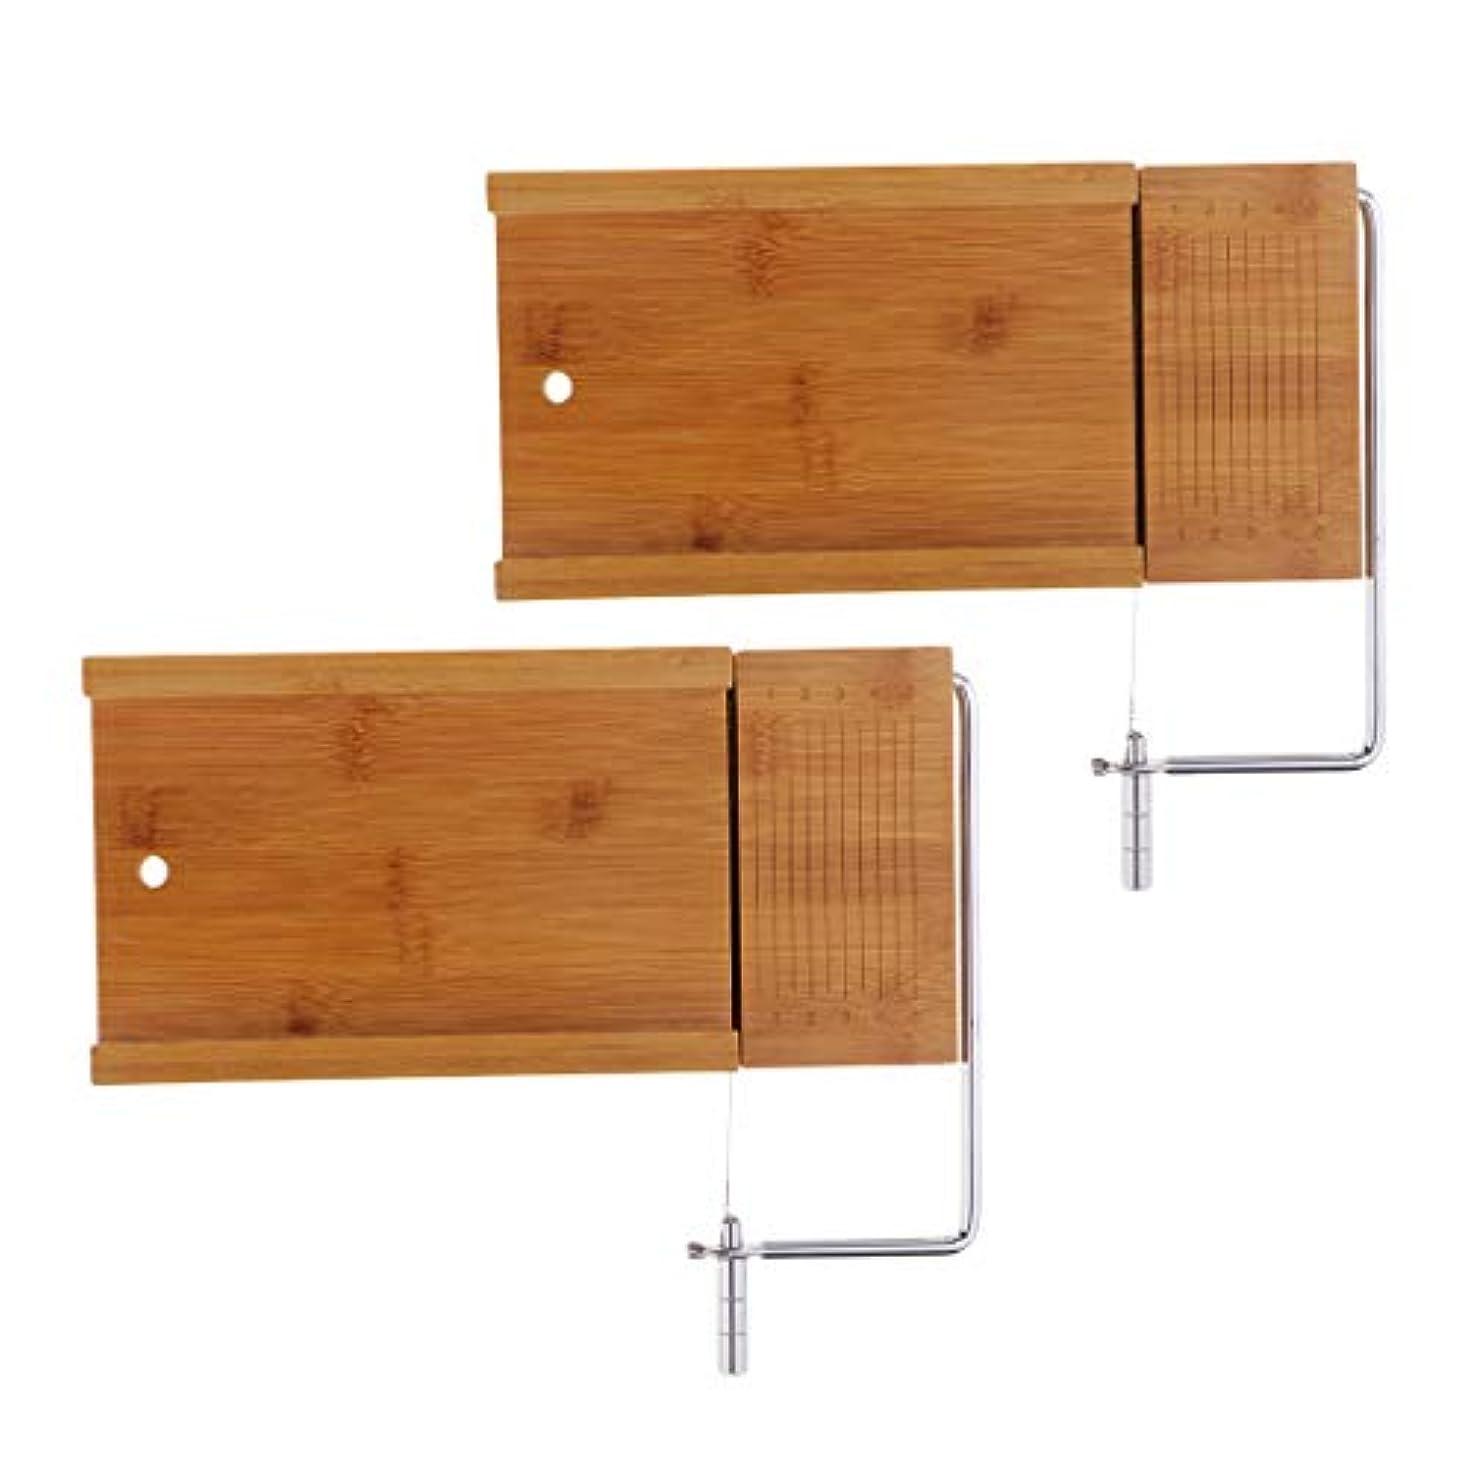 聖なるアサートモック石鹸のカッター 木質 ソープ切削工具 せっけんスライサー ワイヤースライサー ステンレス鋼 2個セット